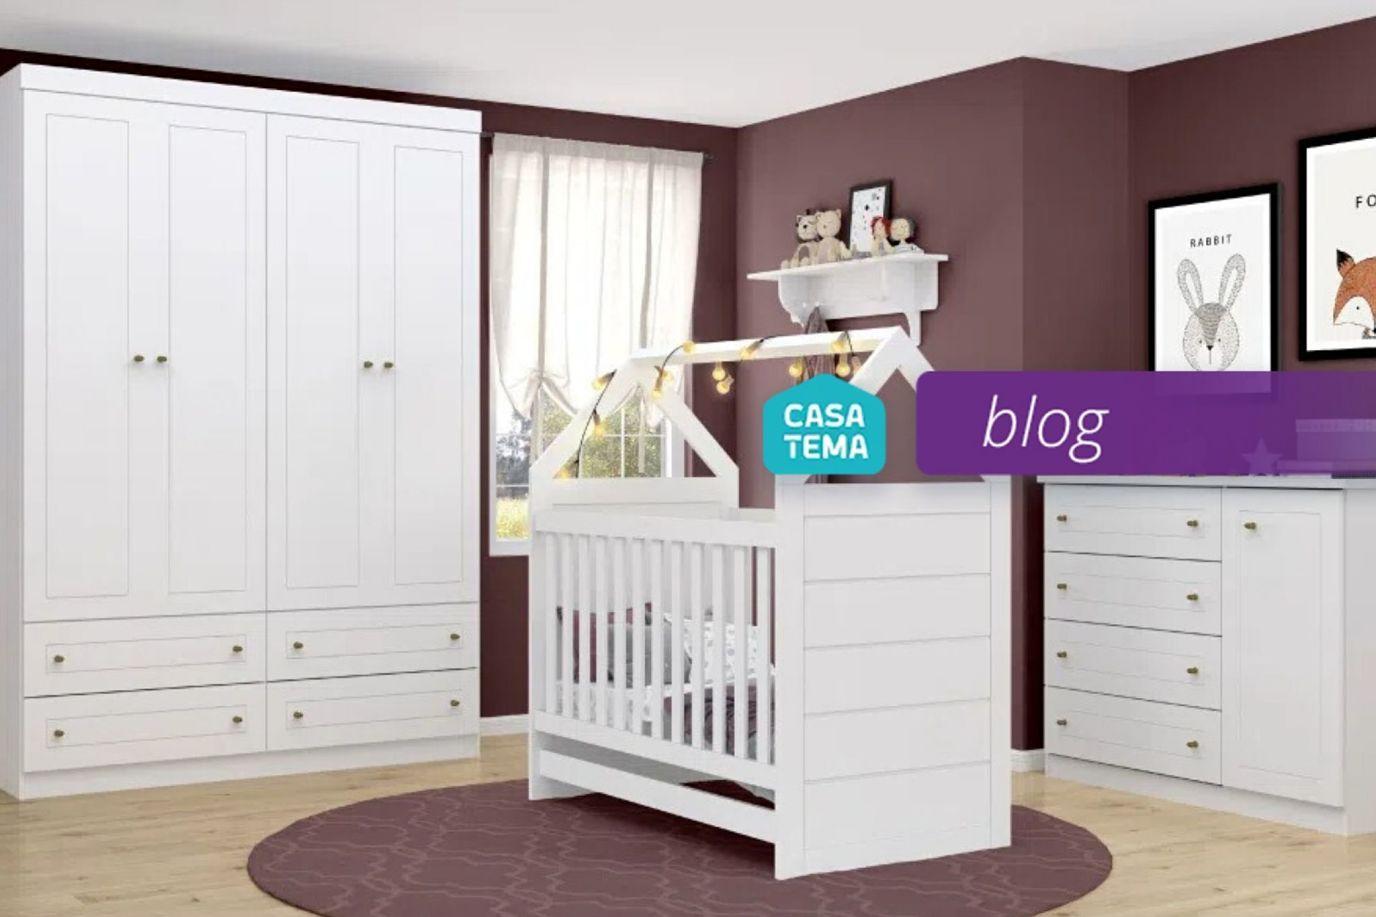 qguarda roupa e comoda para bebe